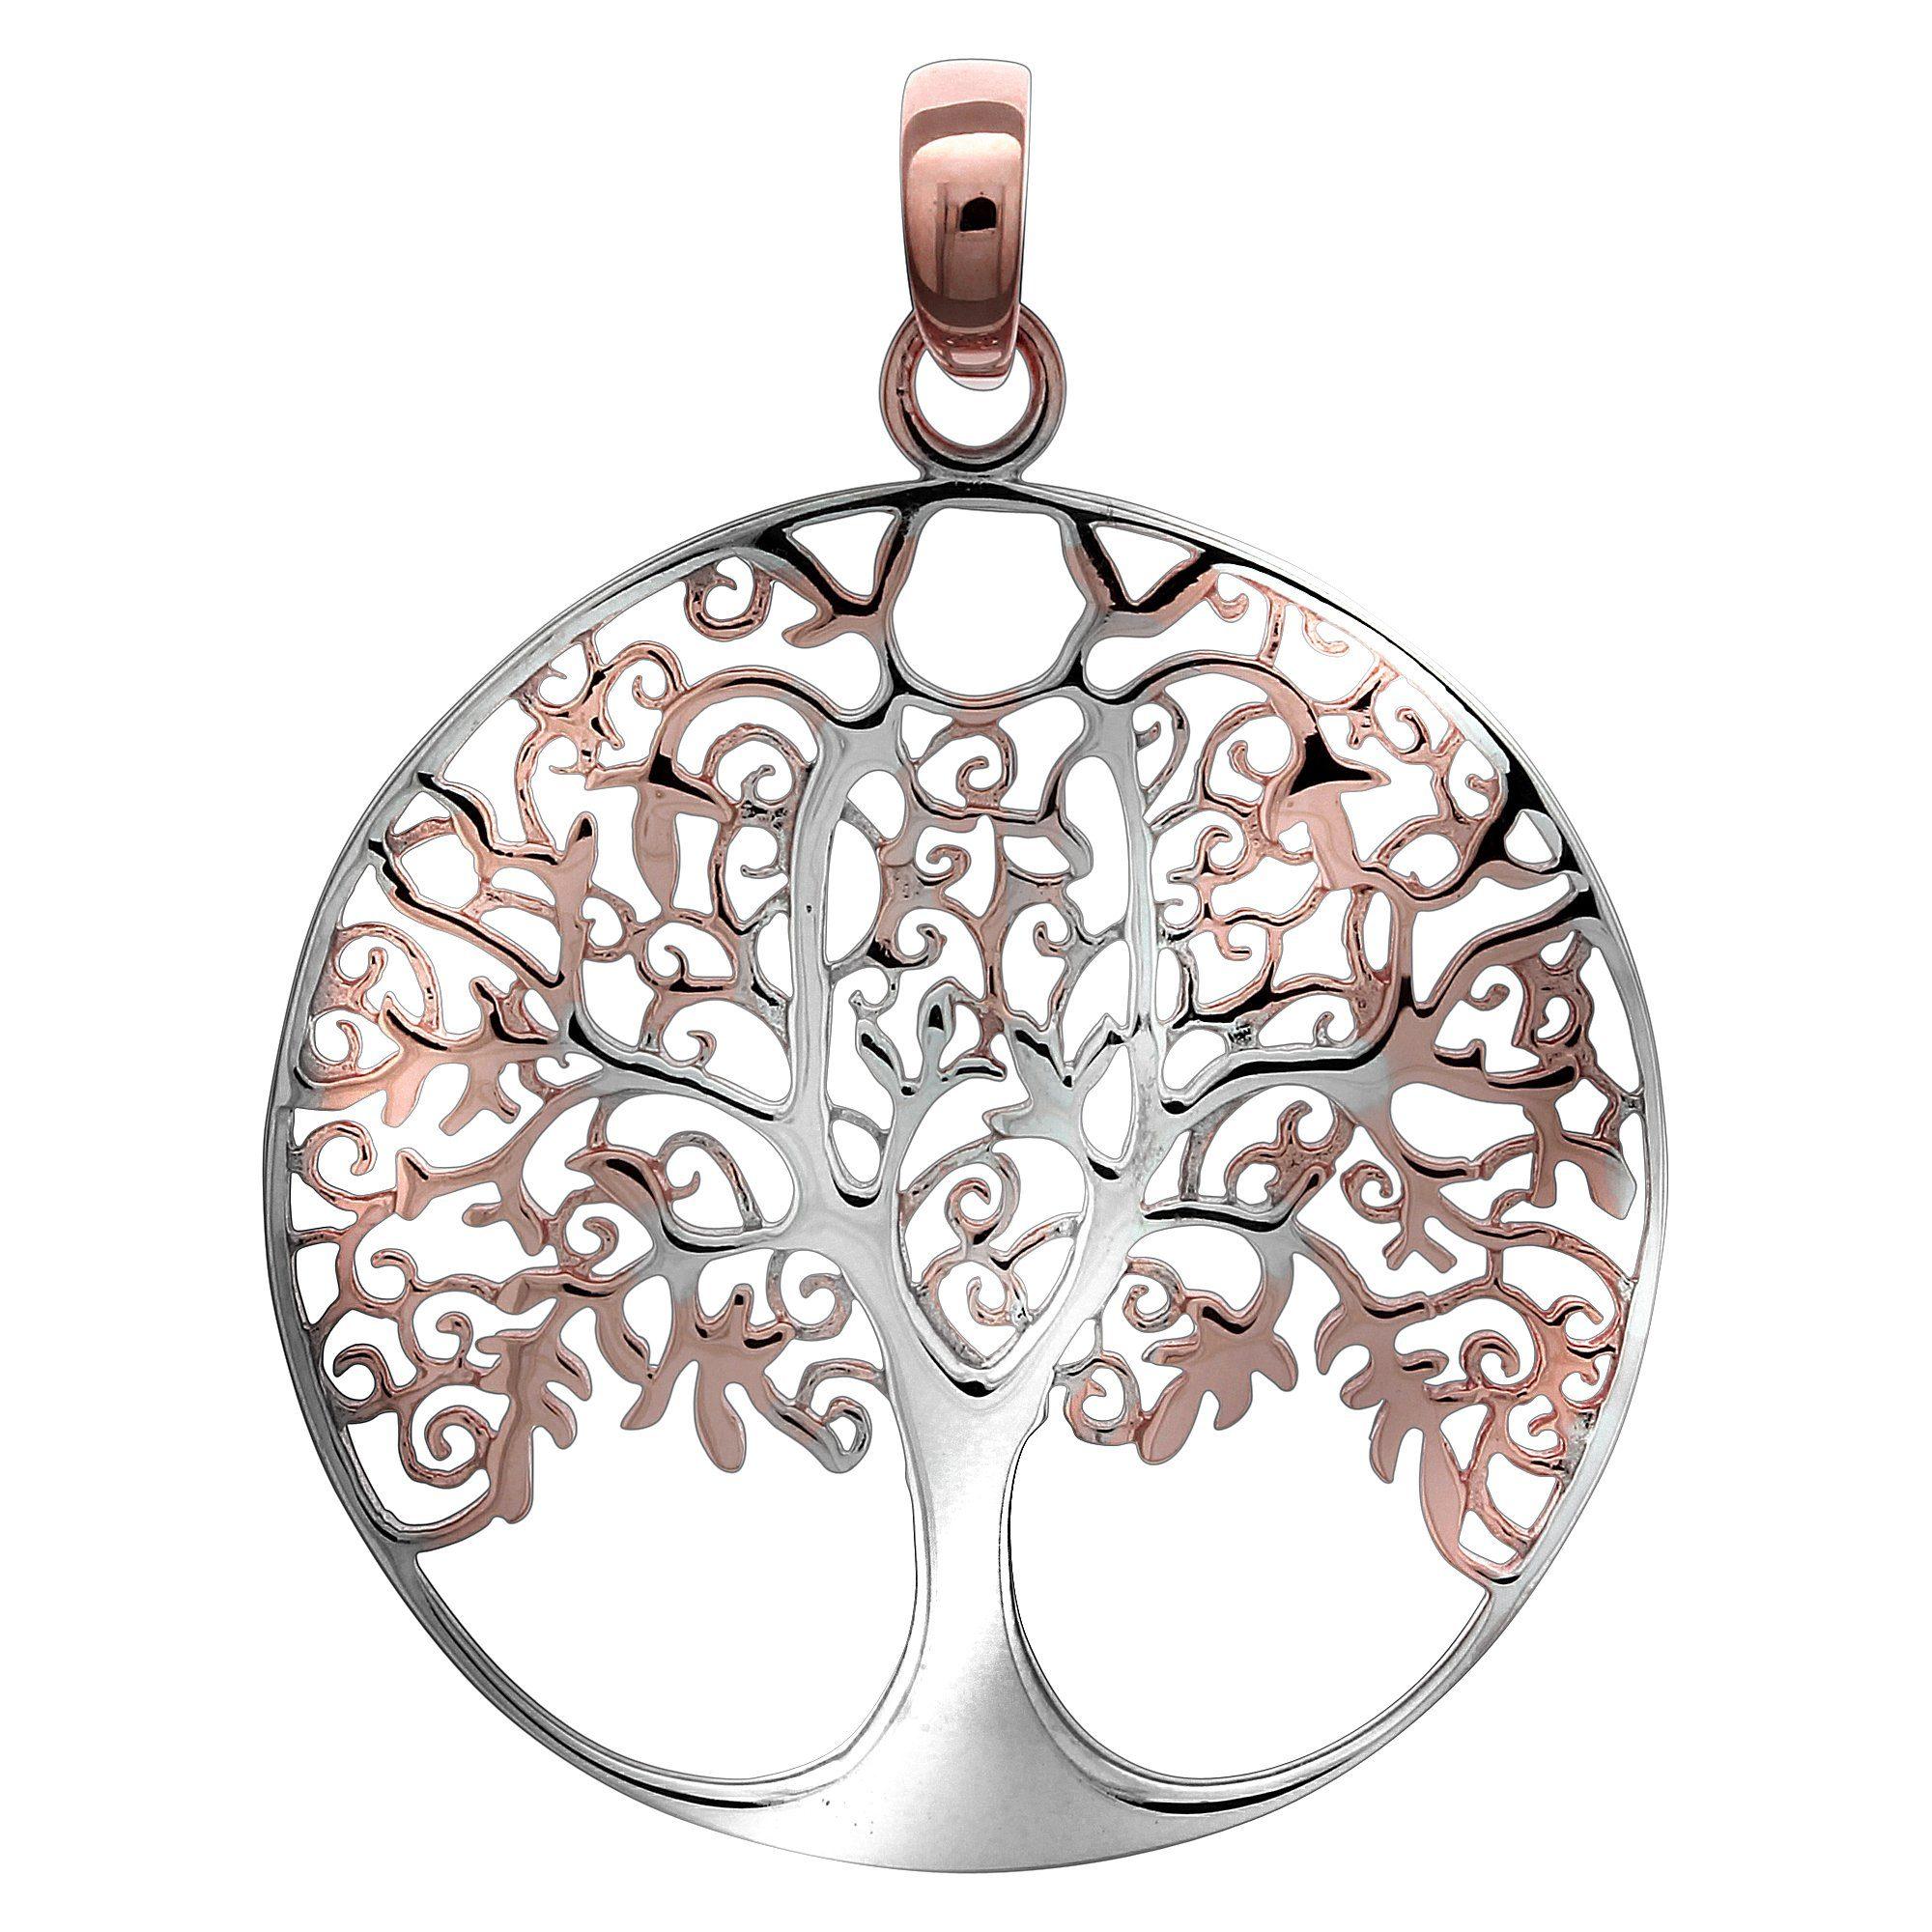 Vivance Anhänger »925 Sterling Silber Lebensbaum« online kaufen | OTTO